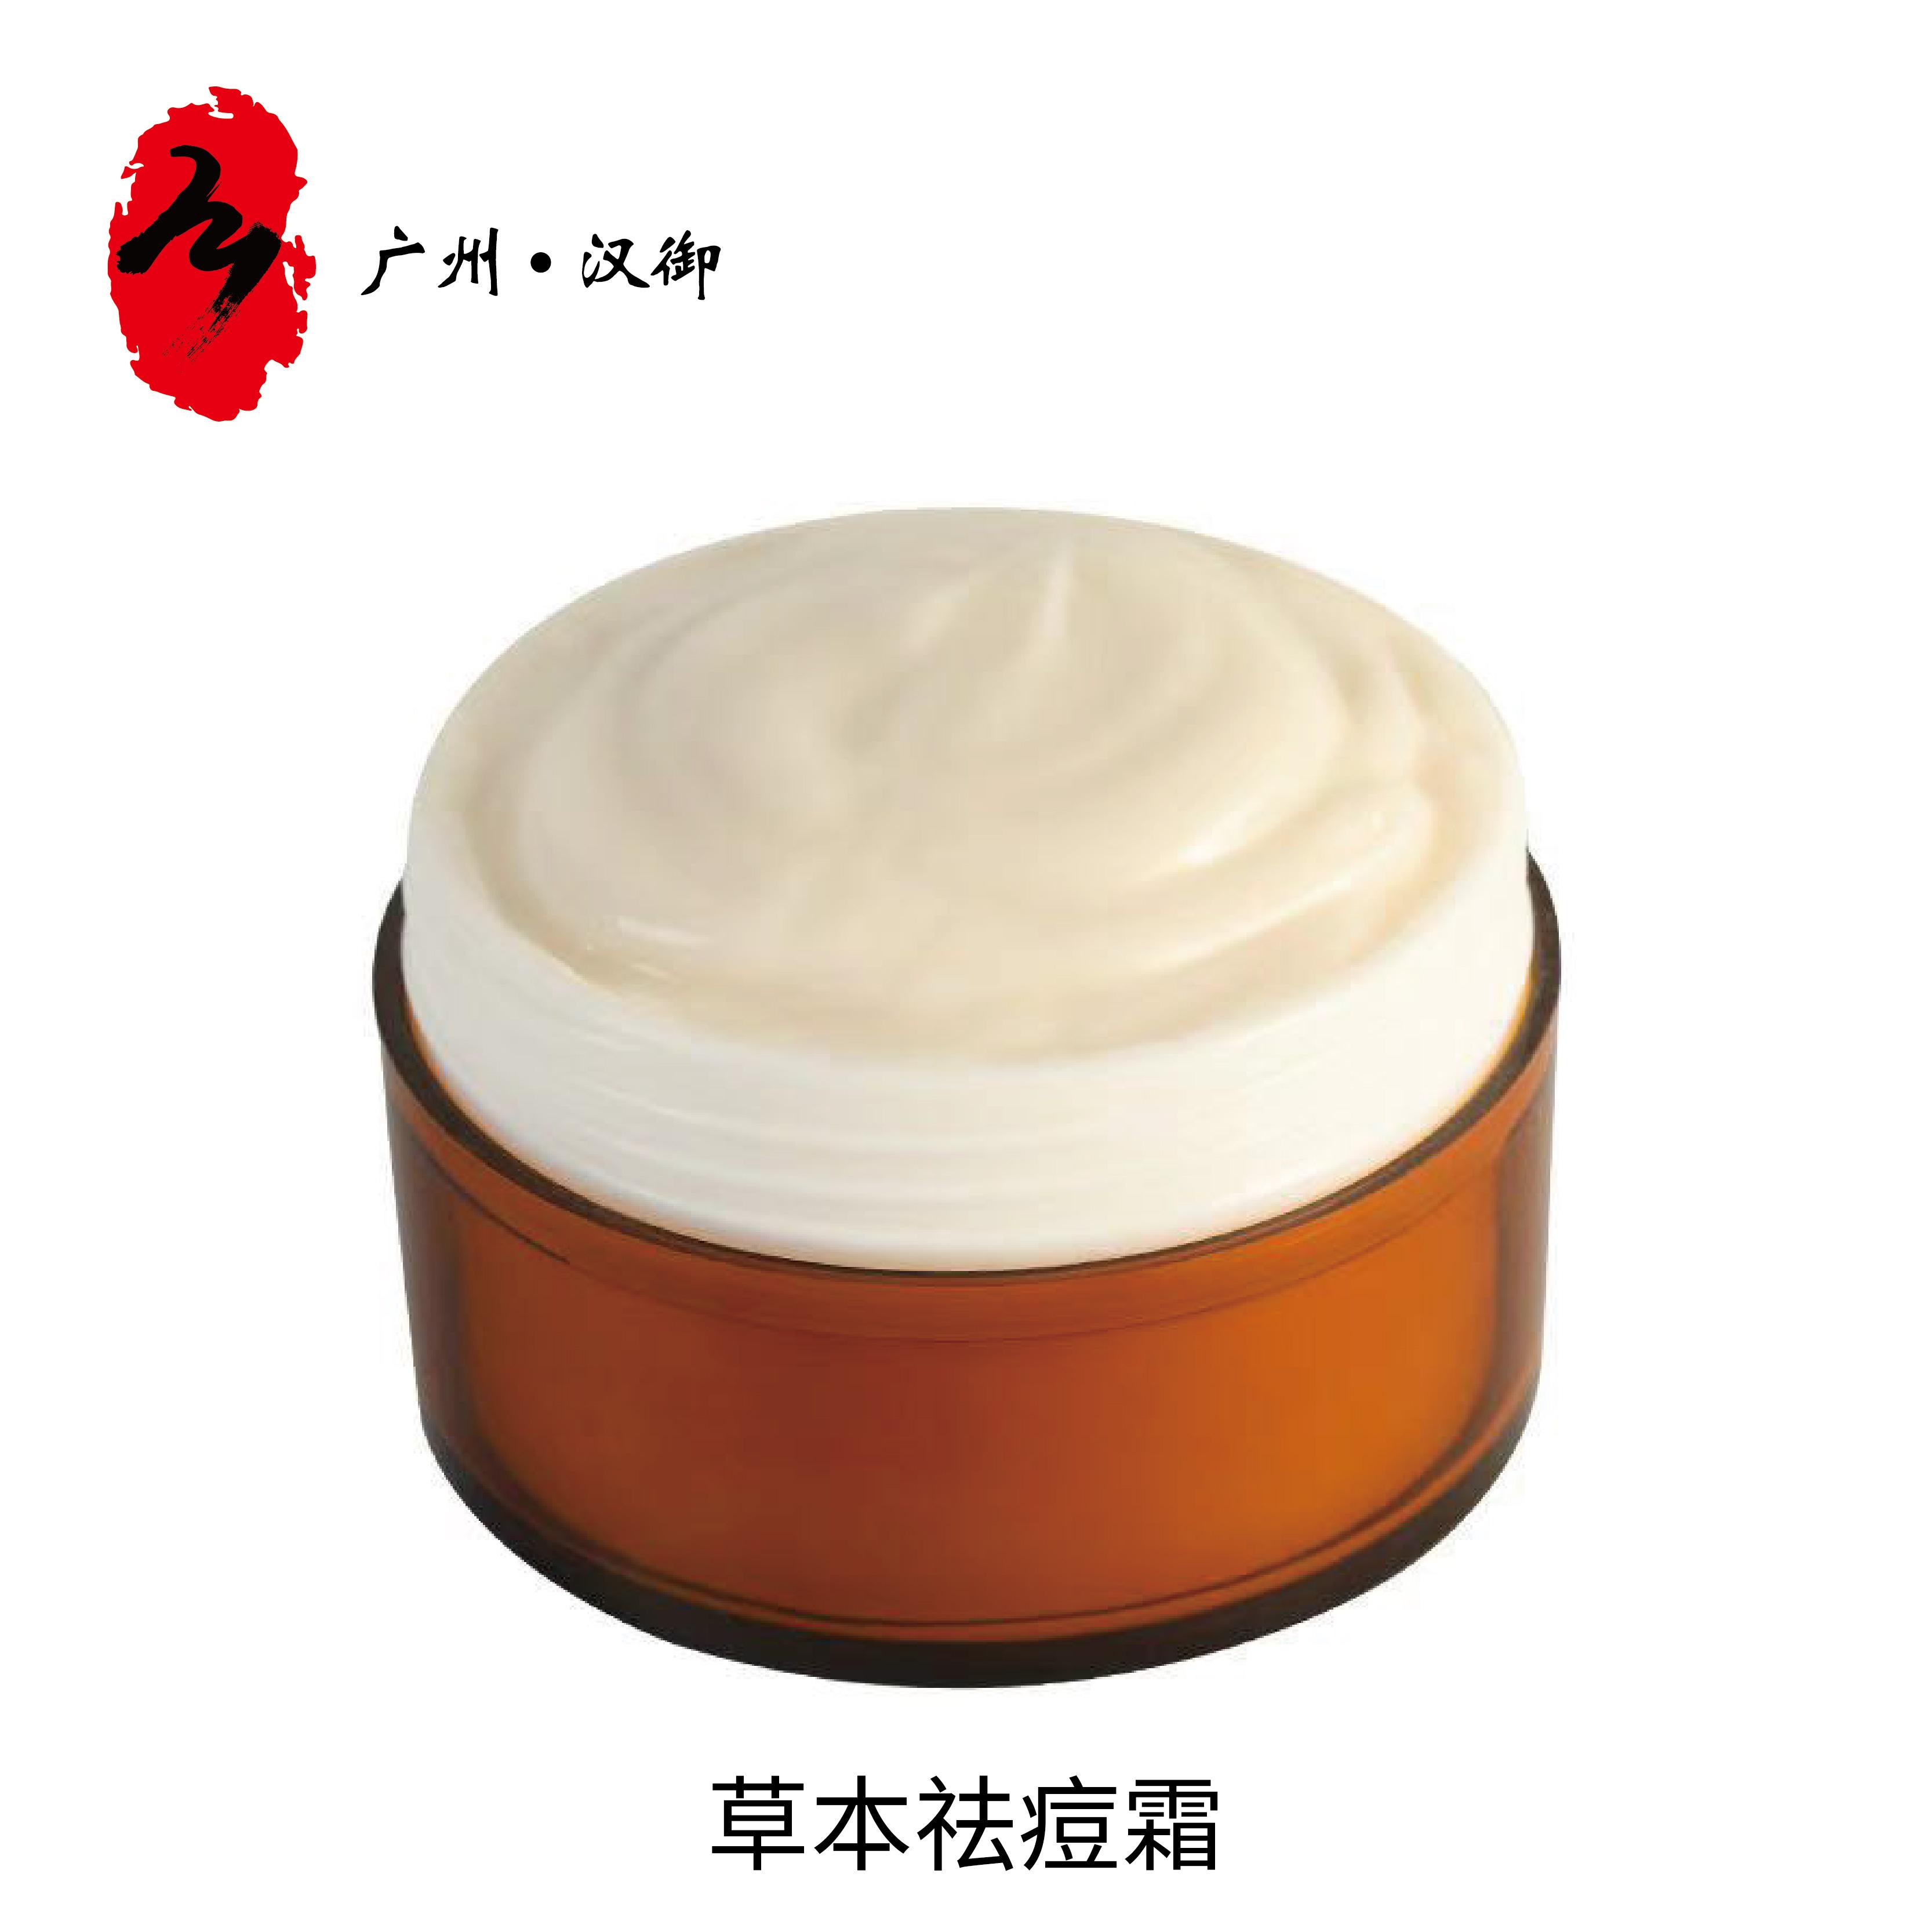 草本祛痘霜OEM加工